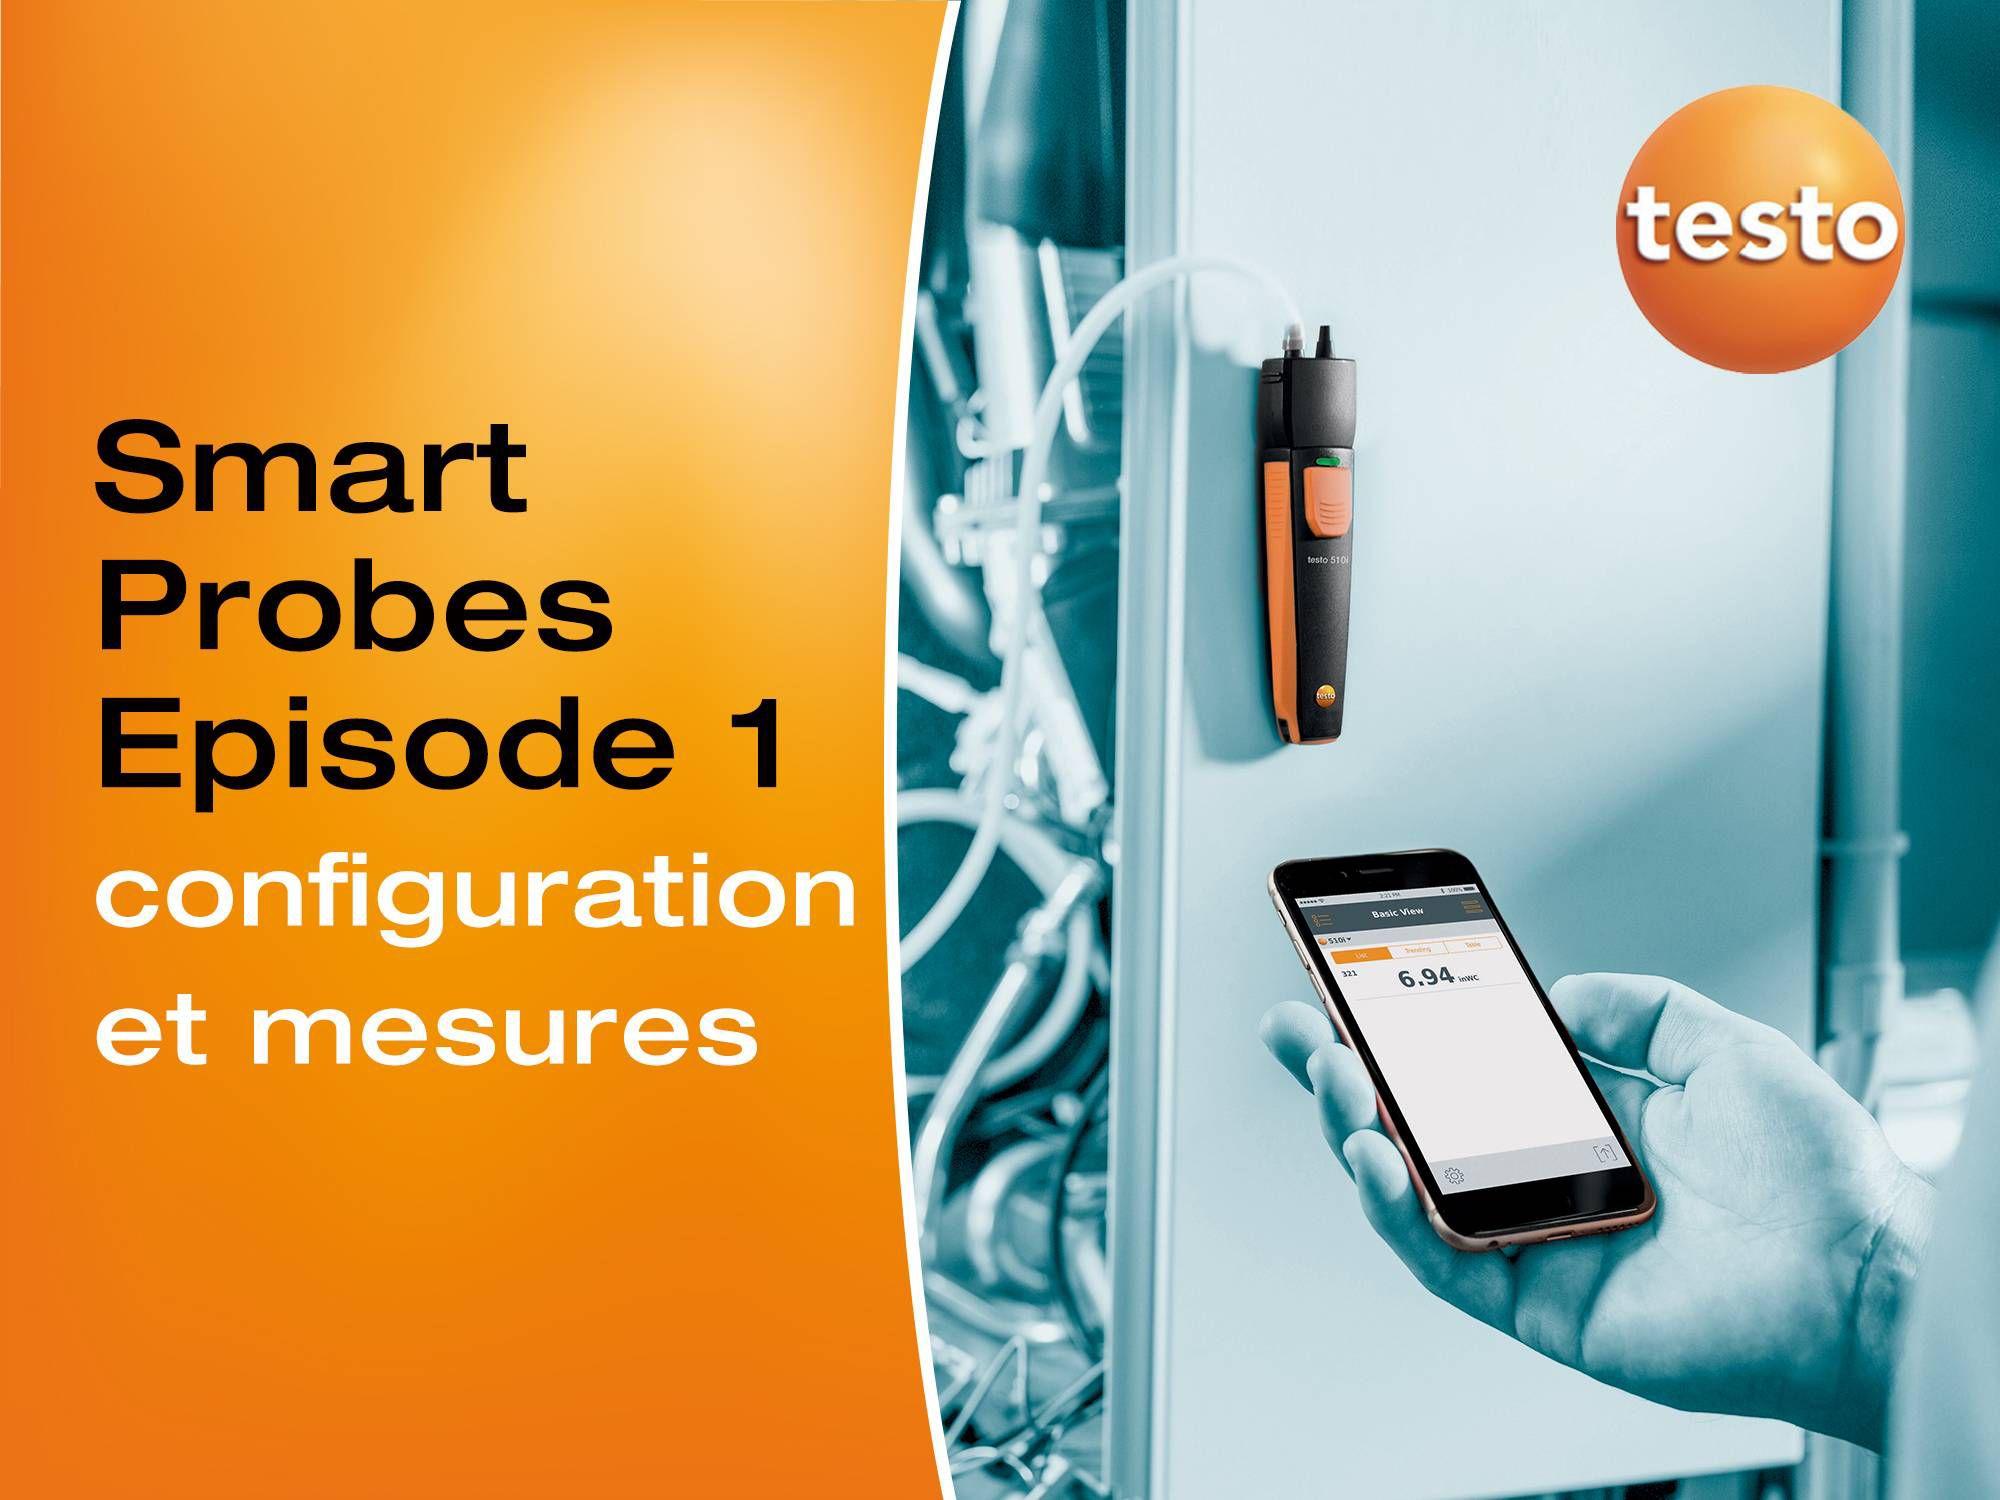 Tutoriel vidéo configuration et mesures des sondes connectées testo Smart Probes